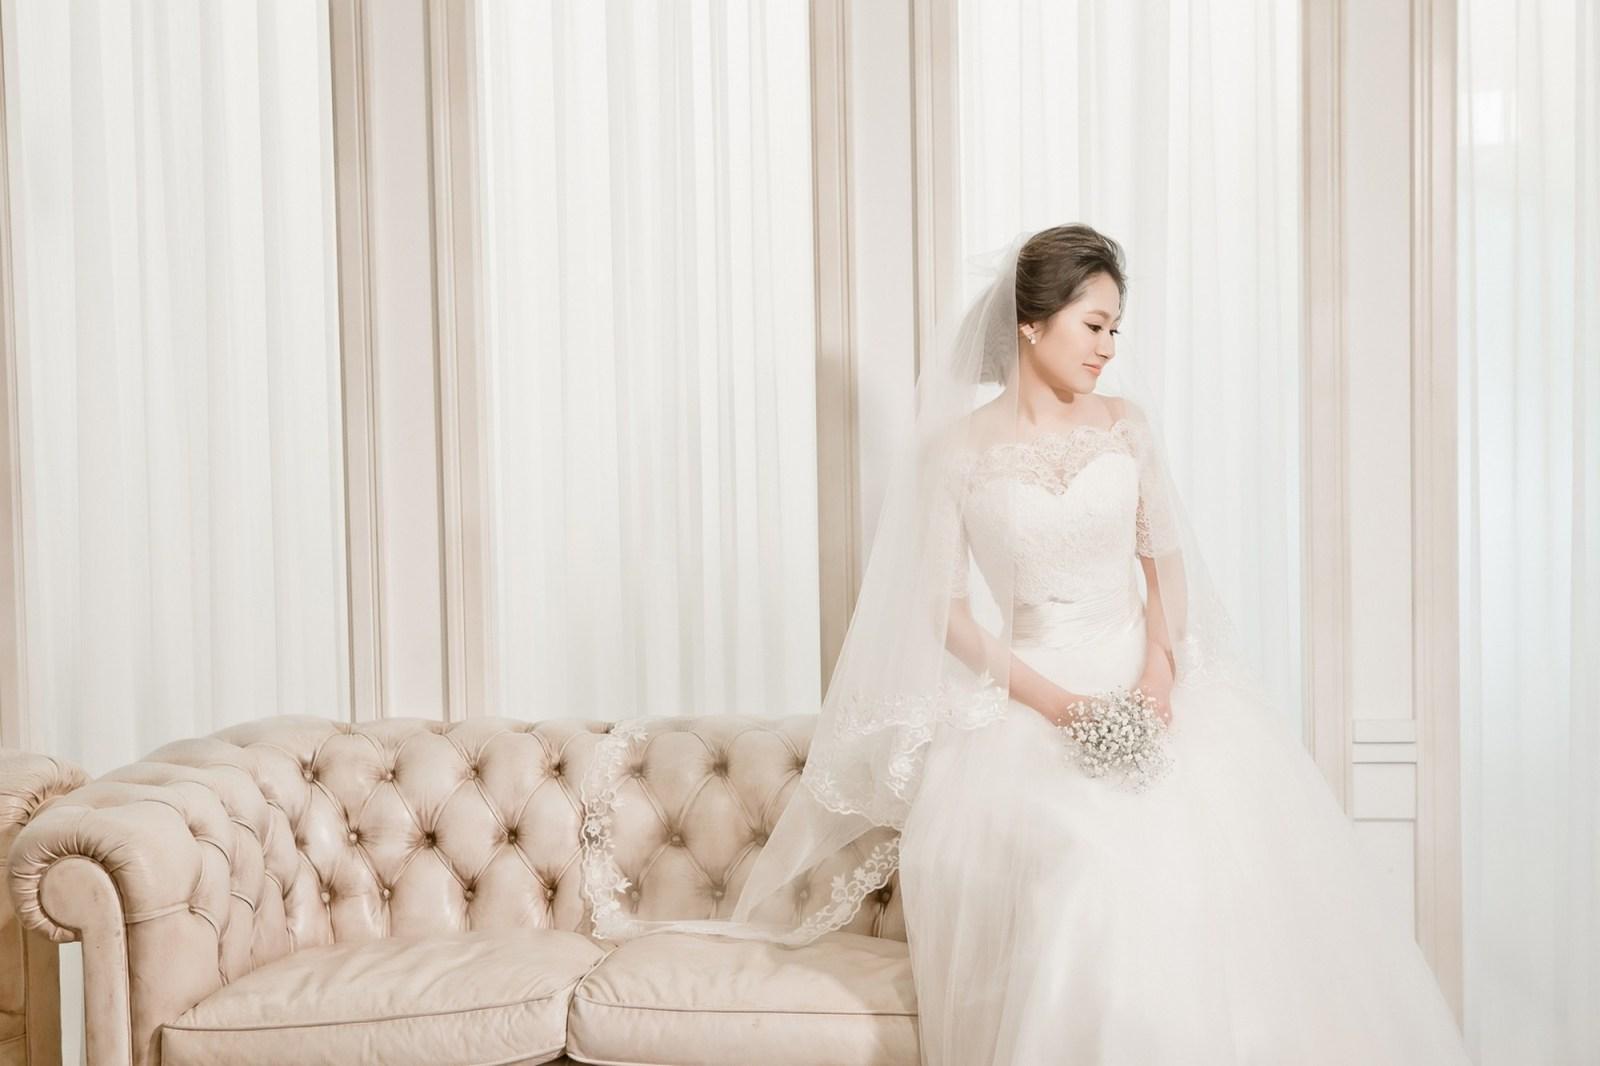 婚紗基地 台北 禮服, 臺北 婚紗 ,臺北 婚紗攝影,臺北 自主婚紗,自助婚紗